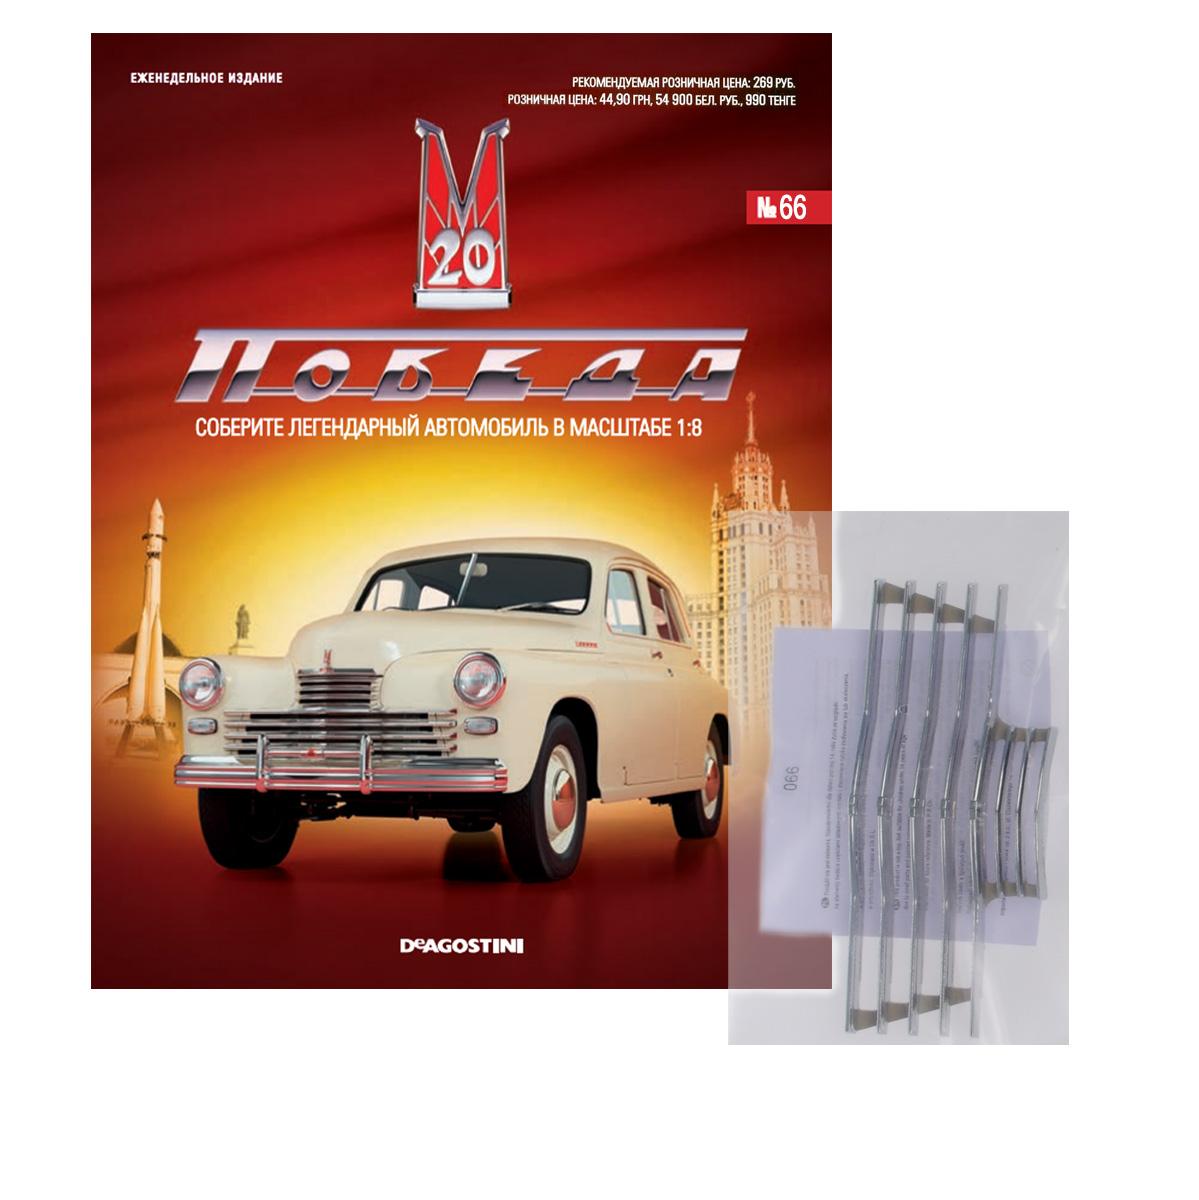 Журнал М20 Победа №66POBEDA066Журнальная серия ГАЗ-М20 Победа от издательства ДеАгостини разработана для поклонников моделизма и истории автомобилестроения. Коллекция включает в себя 100 выпусков еженедельных журналов, в которых публикуются интересные архивные материалы и фотоснимки, информация об важнейших исторических событиях в отечественном автомобилестроении, а также пошаговые инструкции по сборке модели автомобиля ГАЗ-М20 Победа от компании DeAgostini. Дополнительно к каждому журналу прилагаются детали для сборки модели этого легендарного автомобиля в масштабе 1:8. В этом выпуске вы найдете: облицовку радиатора в сборе. Категория 16+.